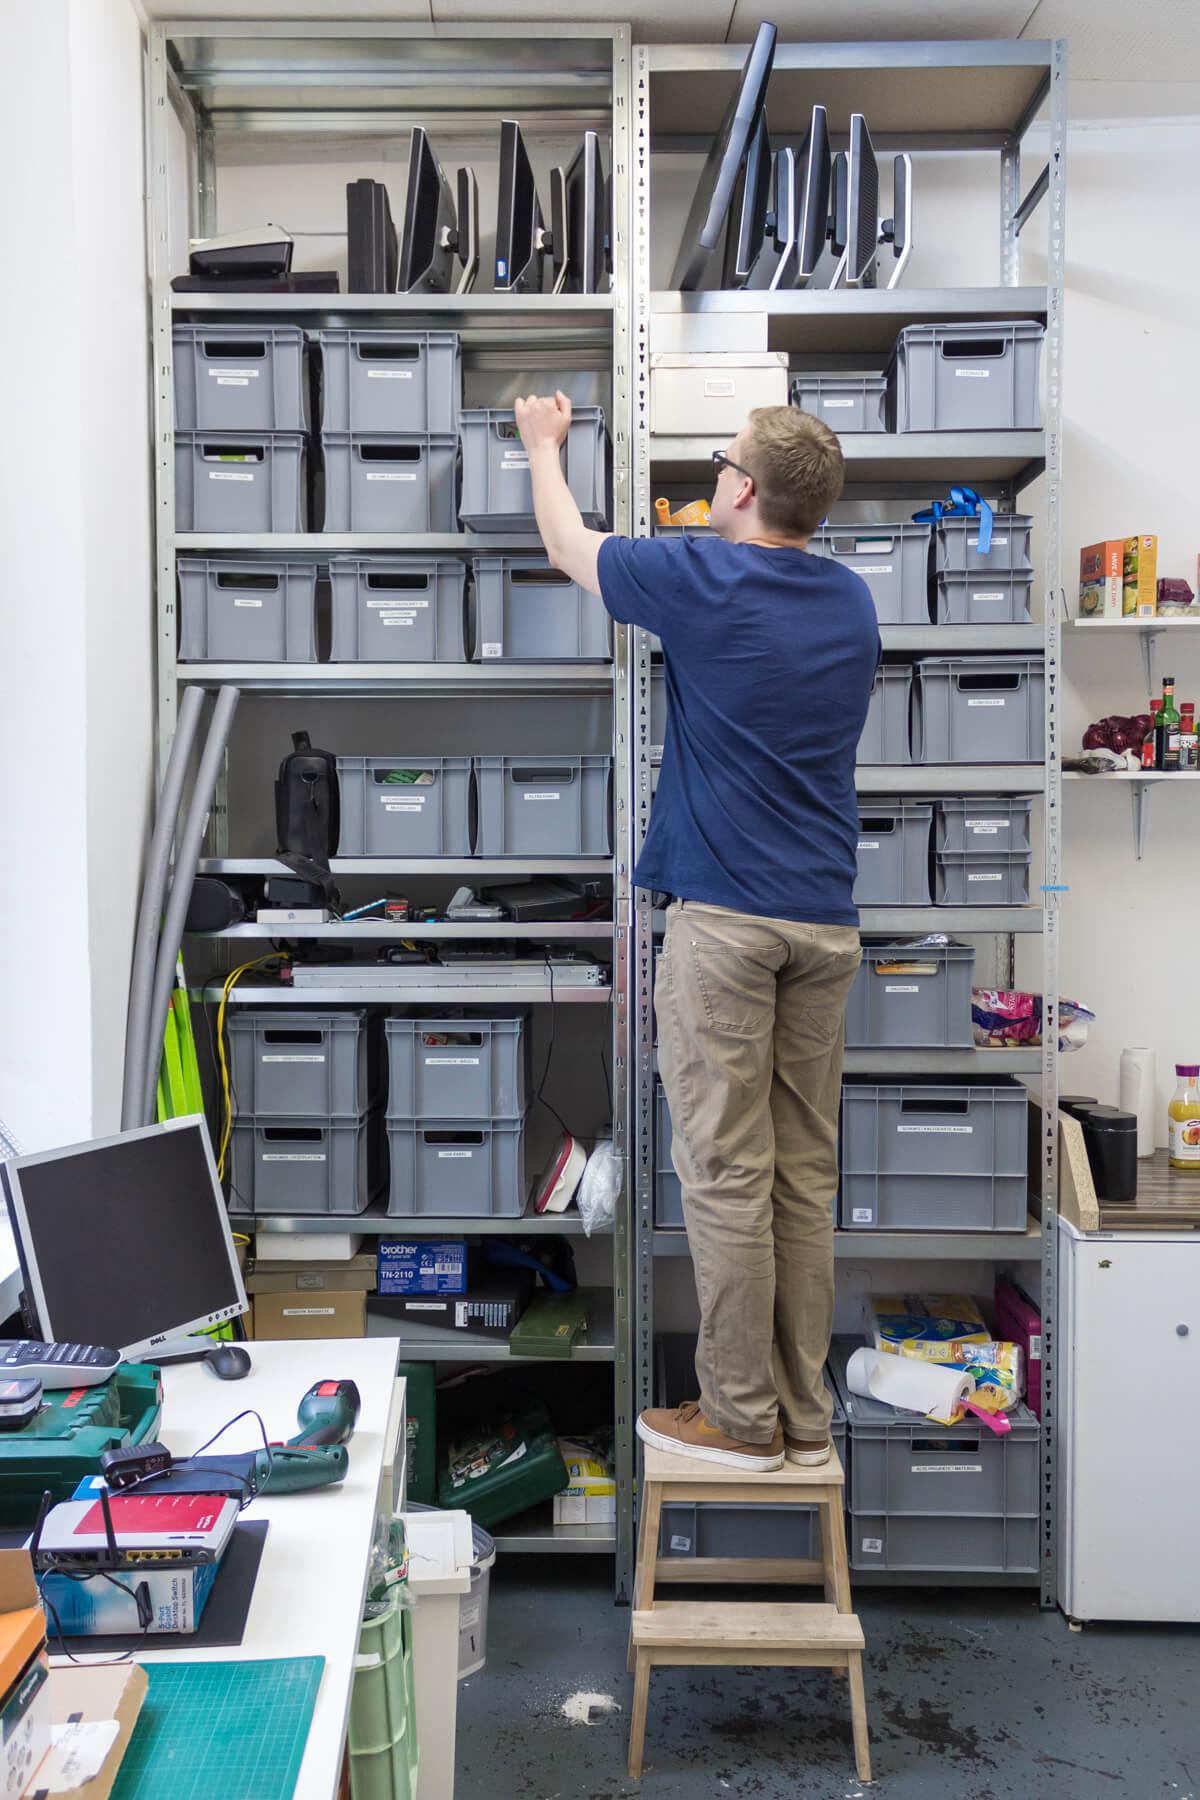 Digitale Leute - Lukas Höh - Fluur - Das Lager von Fluur, in dem sie viel Material für ihre Installationen und Projekte gelagert haben.